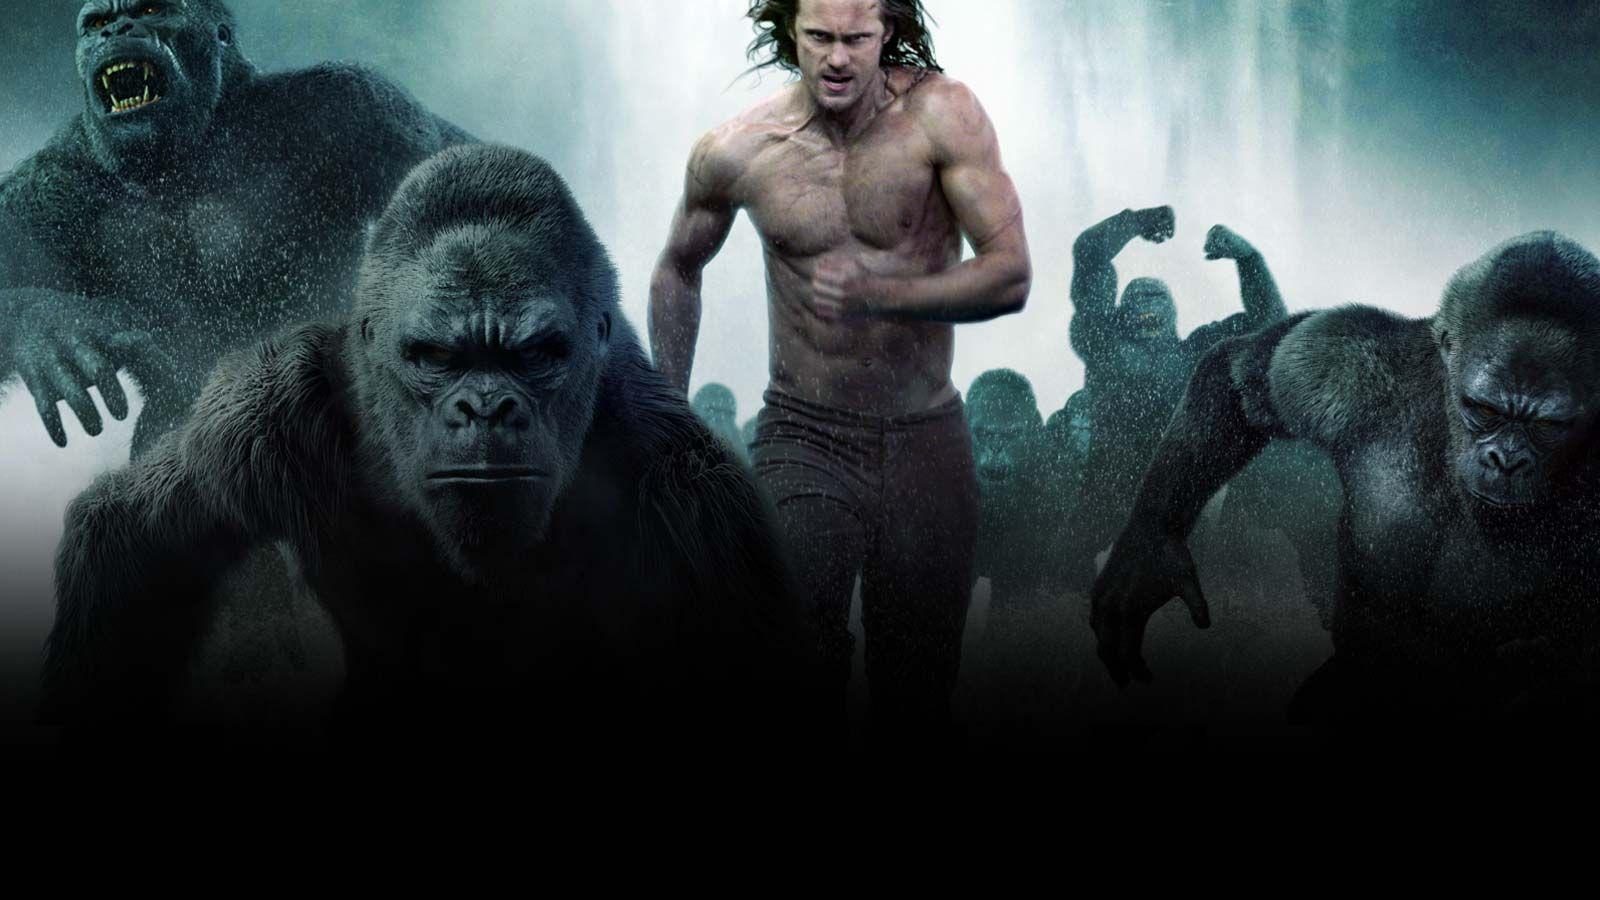 Descargar La Leyenda De Tarzán Gratis En 1 Link Por Mega Disfruta De Películas Con Excelente Calidad Sin Registrarte En Mega Tarzan Tarzan Of The Apes Movies